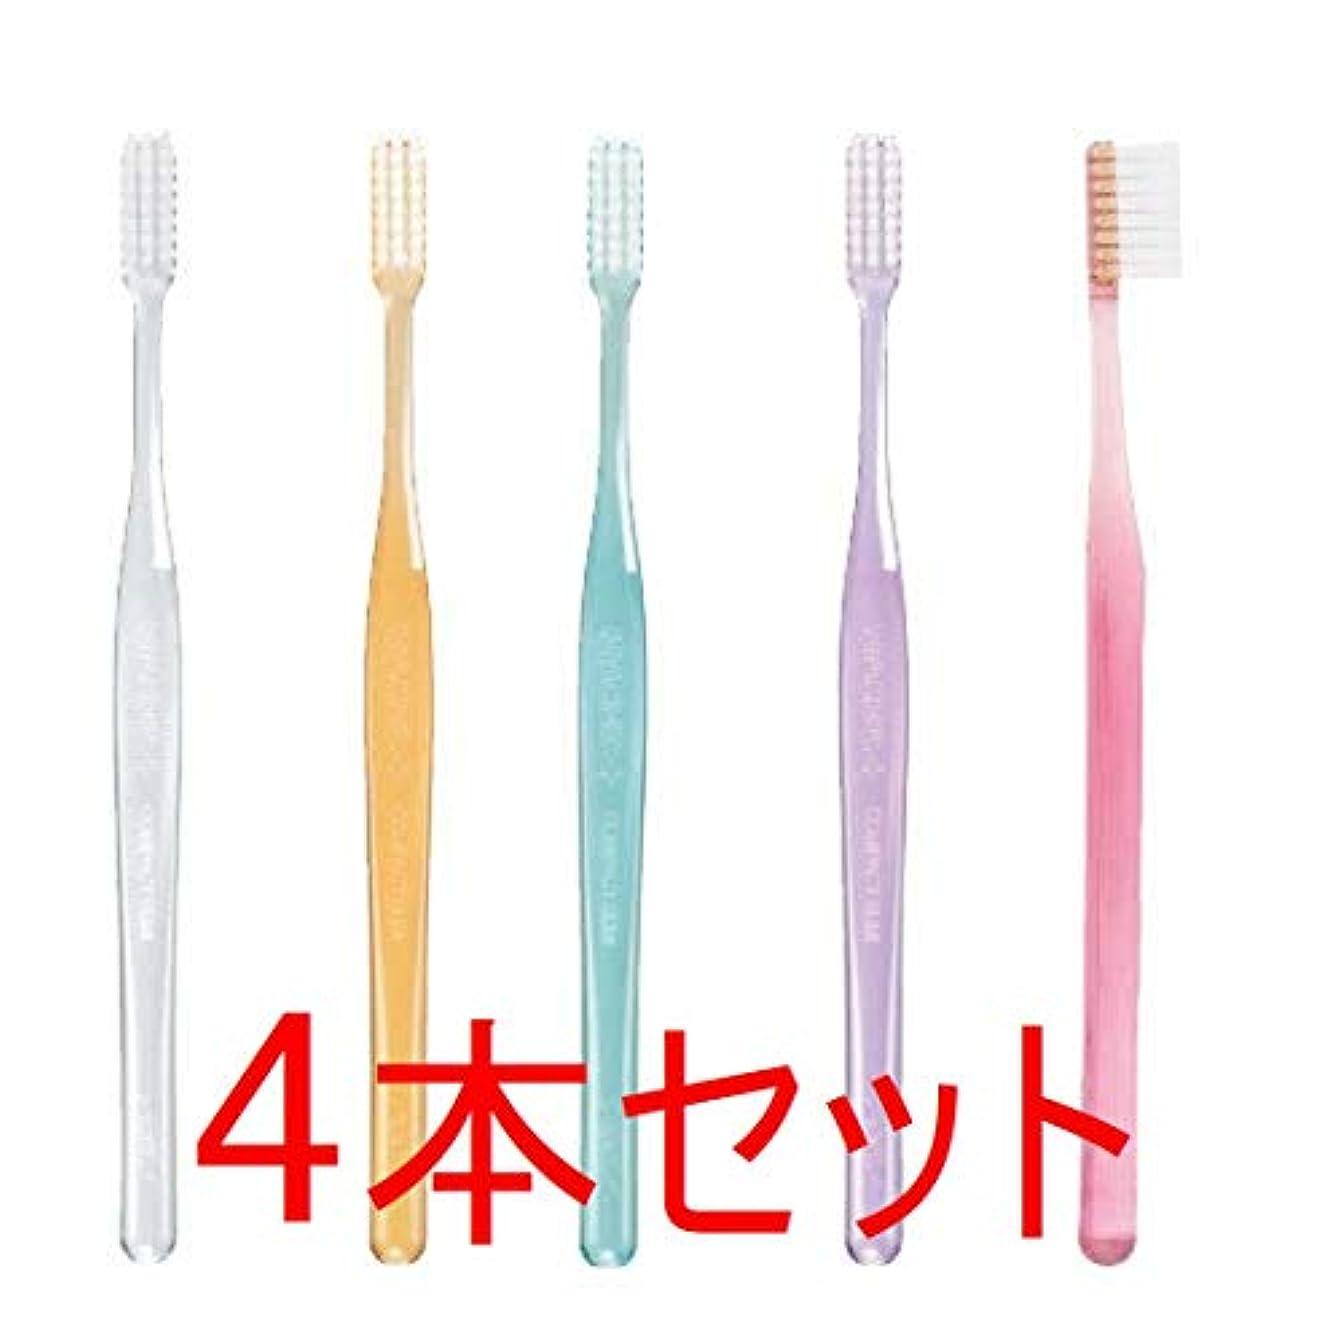 保護コーチとらえどころのないGC プロスペック 歯ブラシ プラス コンパクトスリム 4本 クリアー色 (M(ふつう), おまかせ)